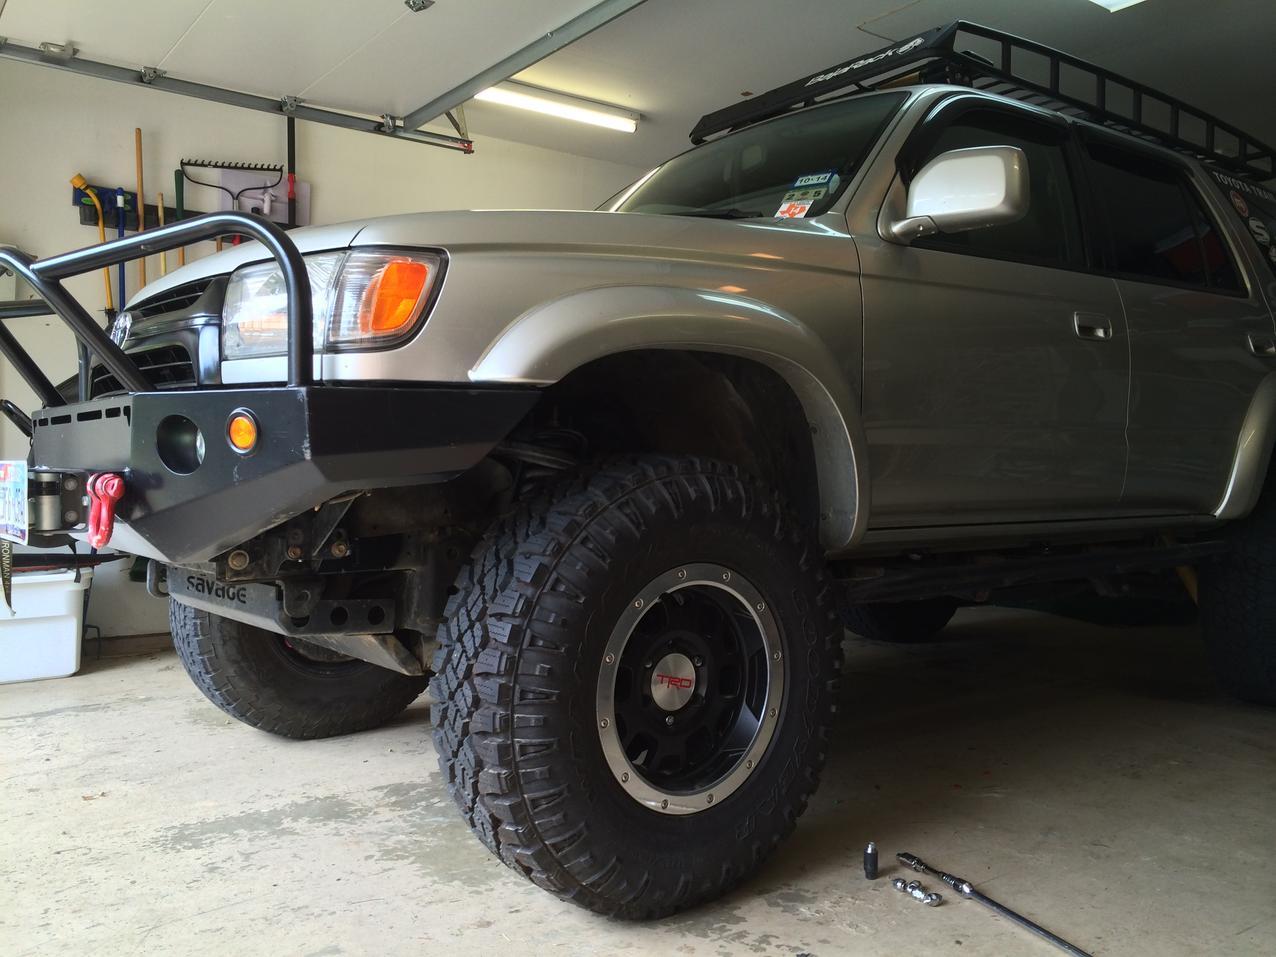 Oem Toyota Wheel Options Pics For 3rd Gen 4runner Post Em